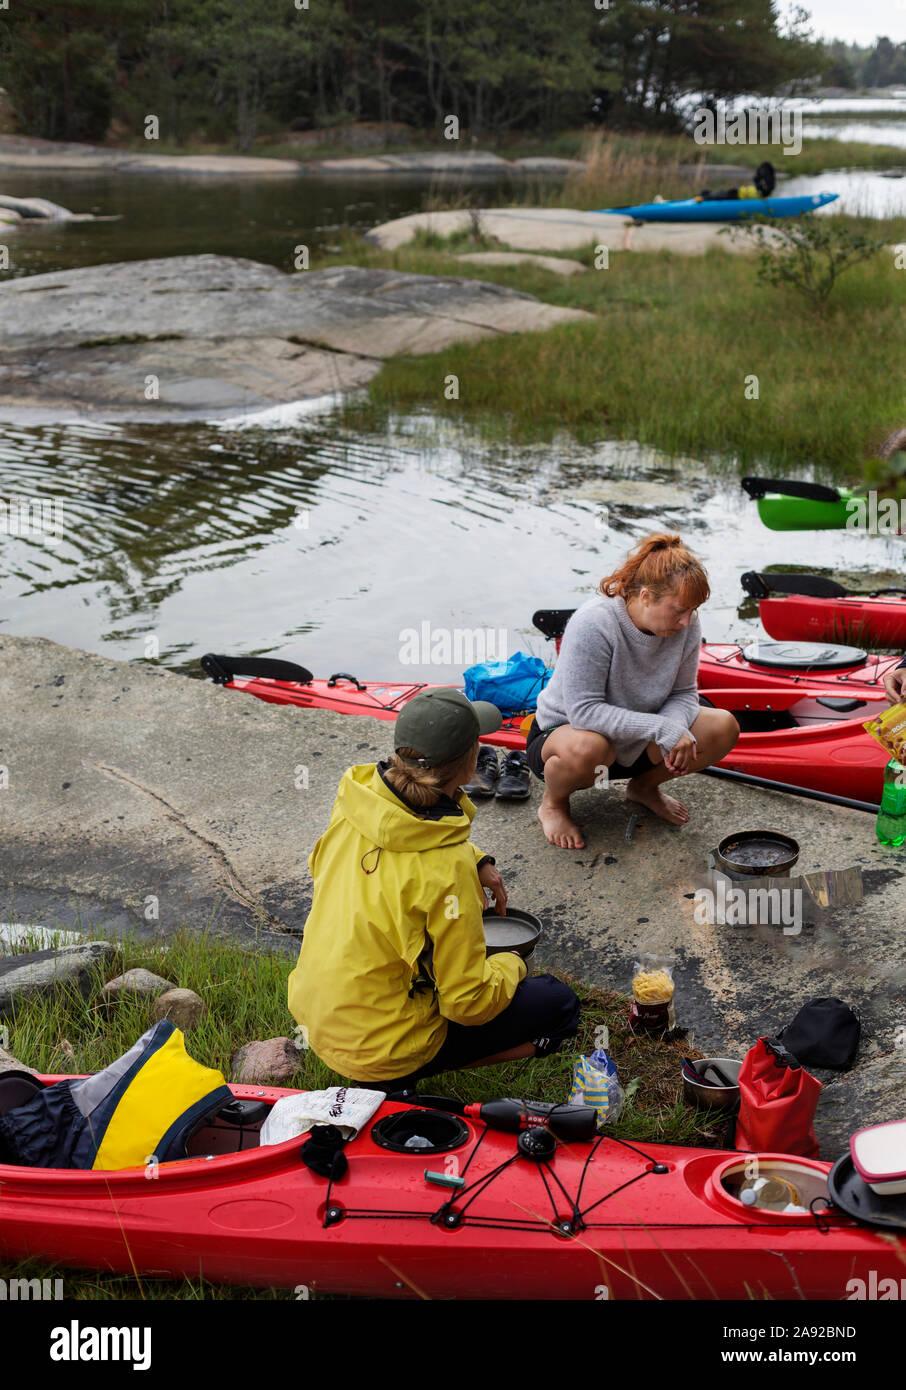 Les femmes sur l'excursion de canotage Banque D'Images